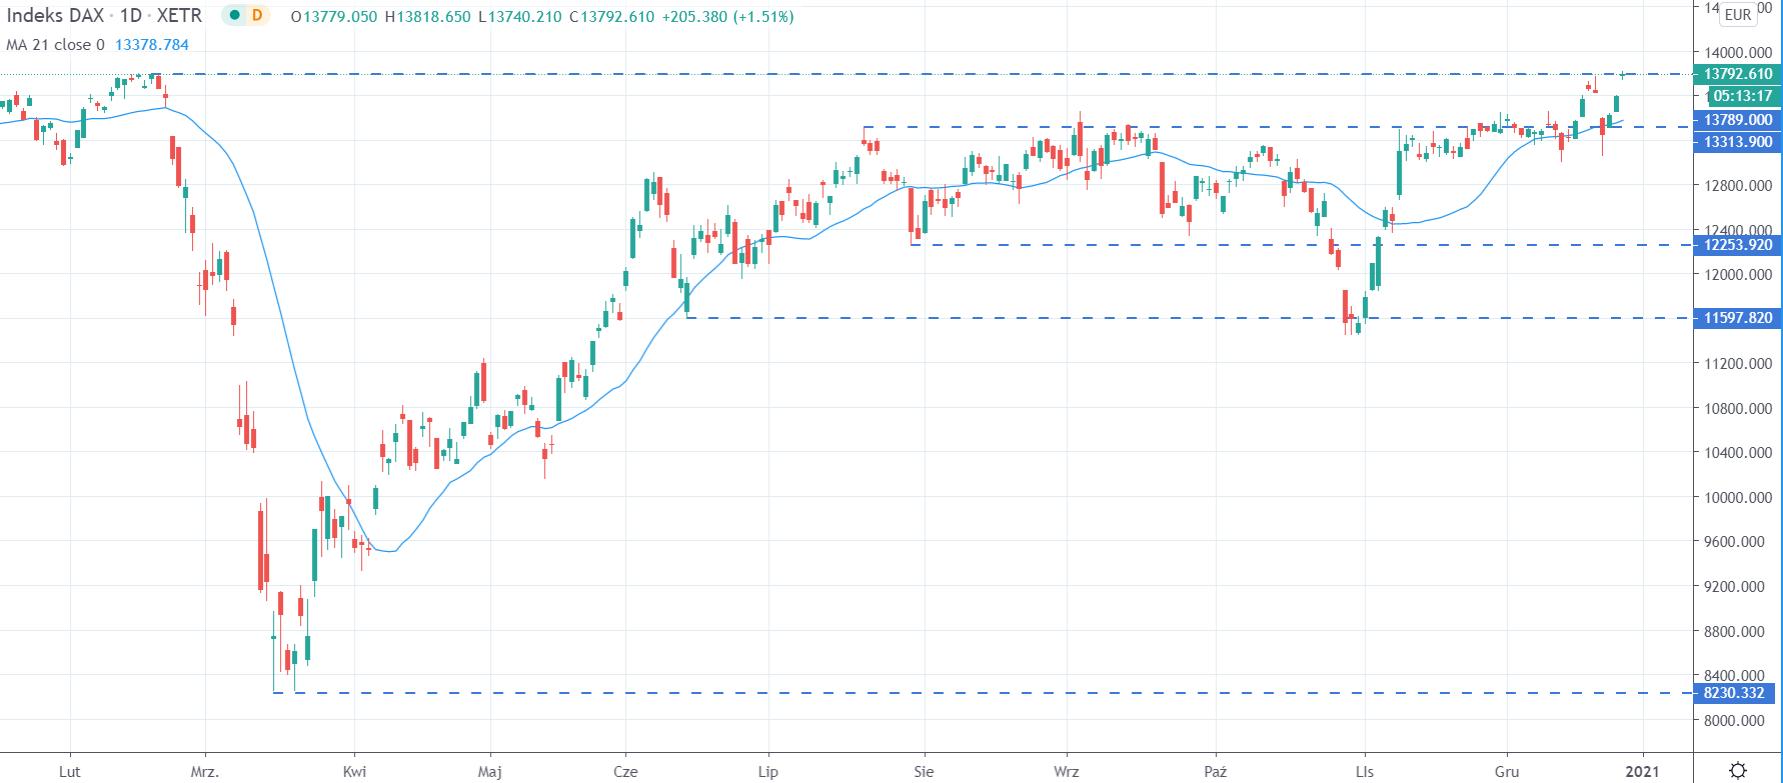 Kurs DAX na interwale dziennym, tradingview